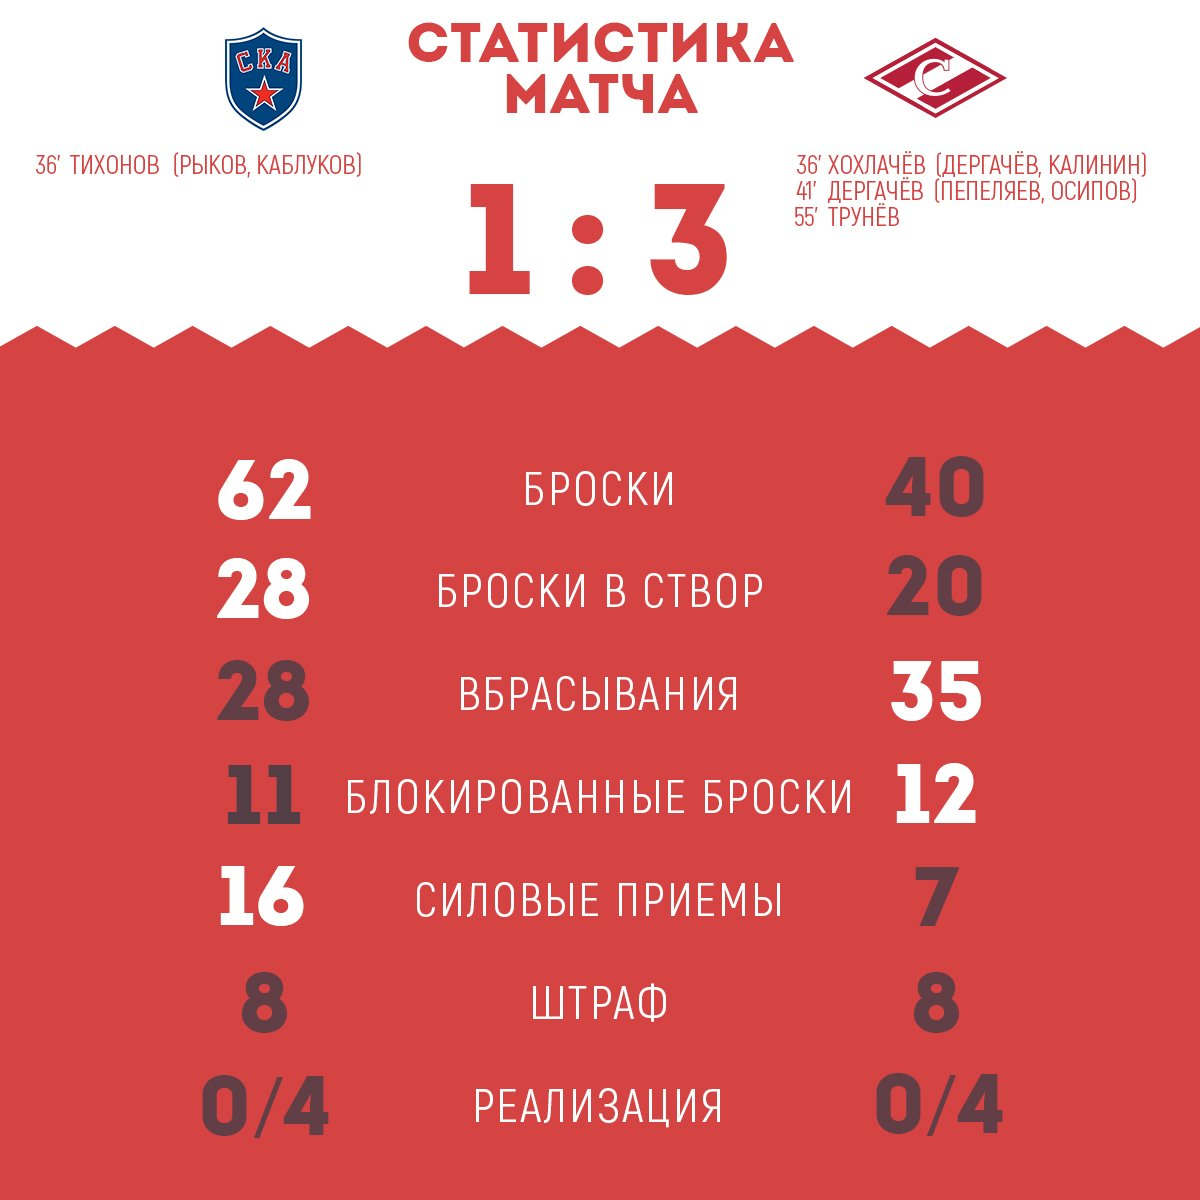 Статистика матча СКА vs «Спартак» 1:3